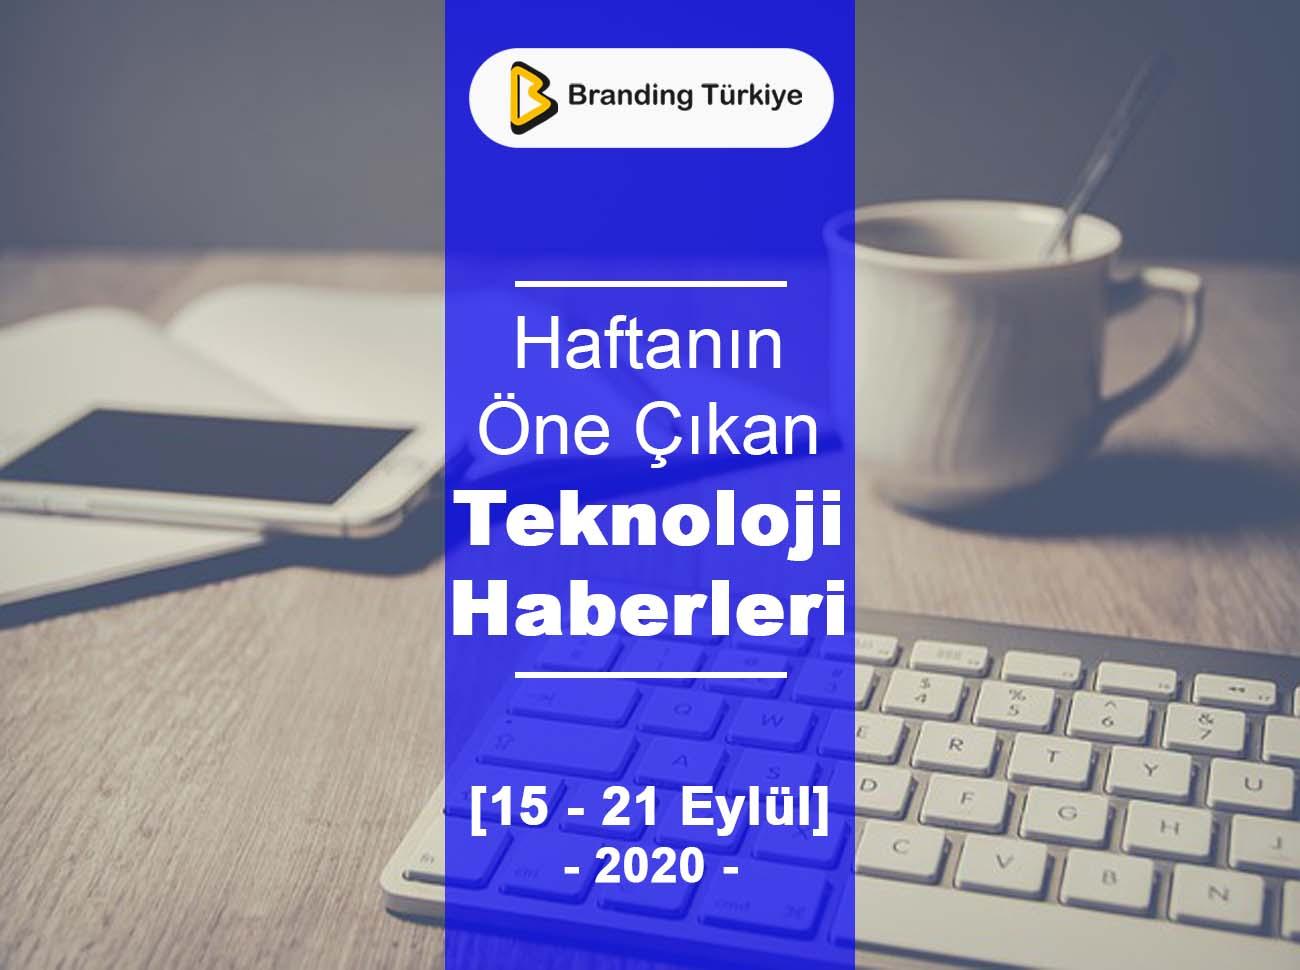 Teknoloji Haberleri (15 - 21 Eylül 2020)